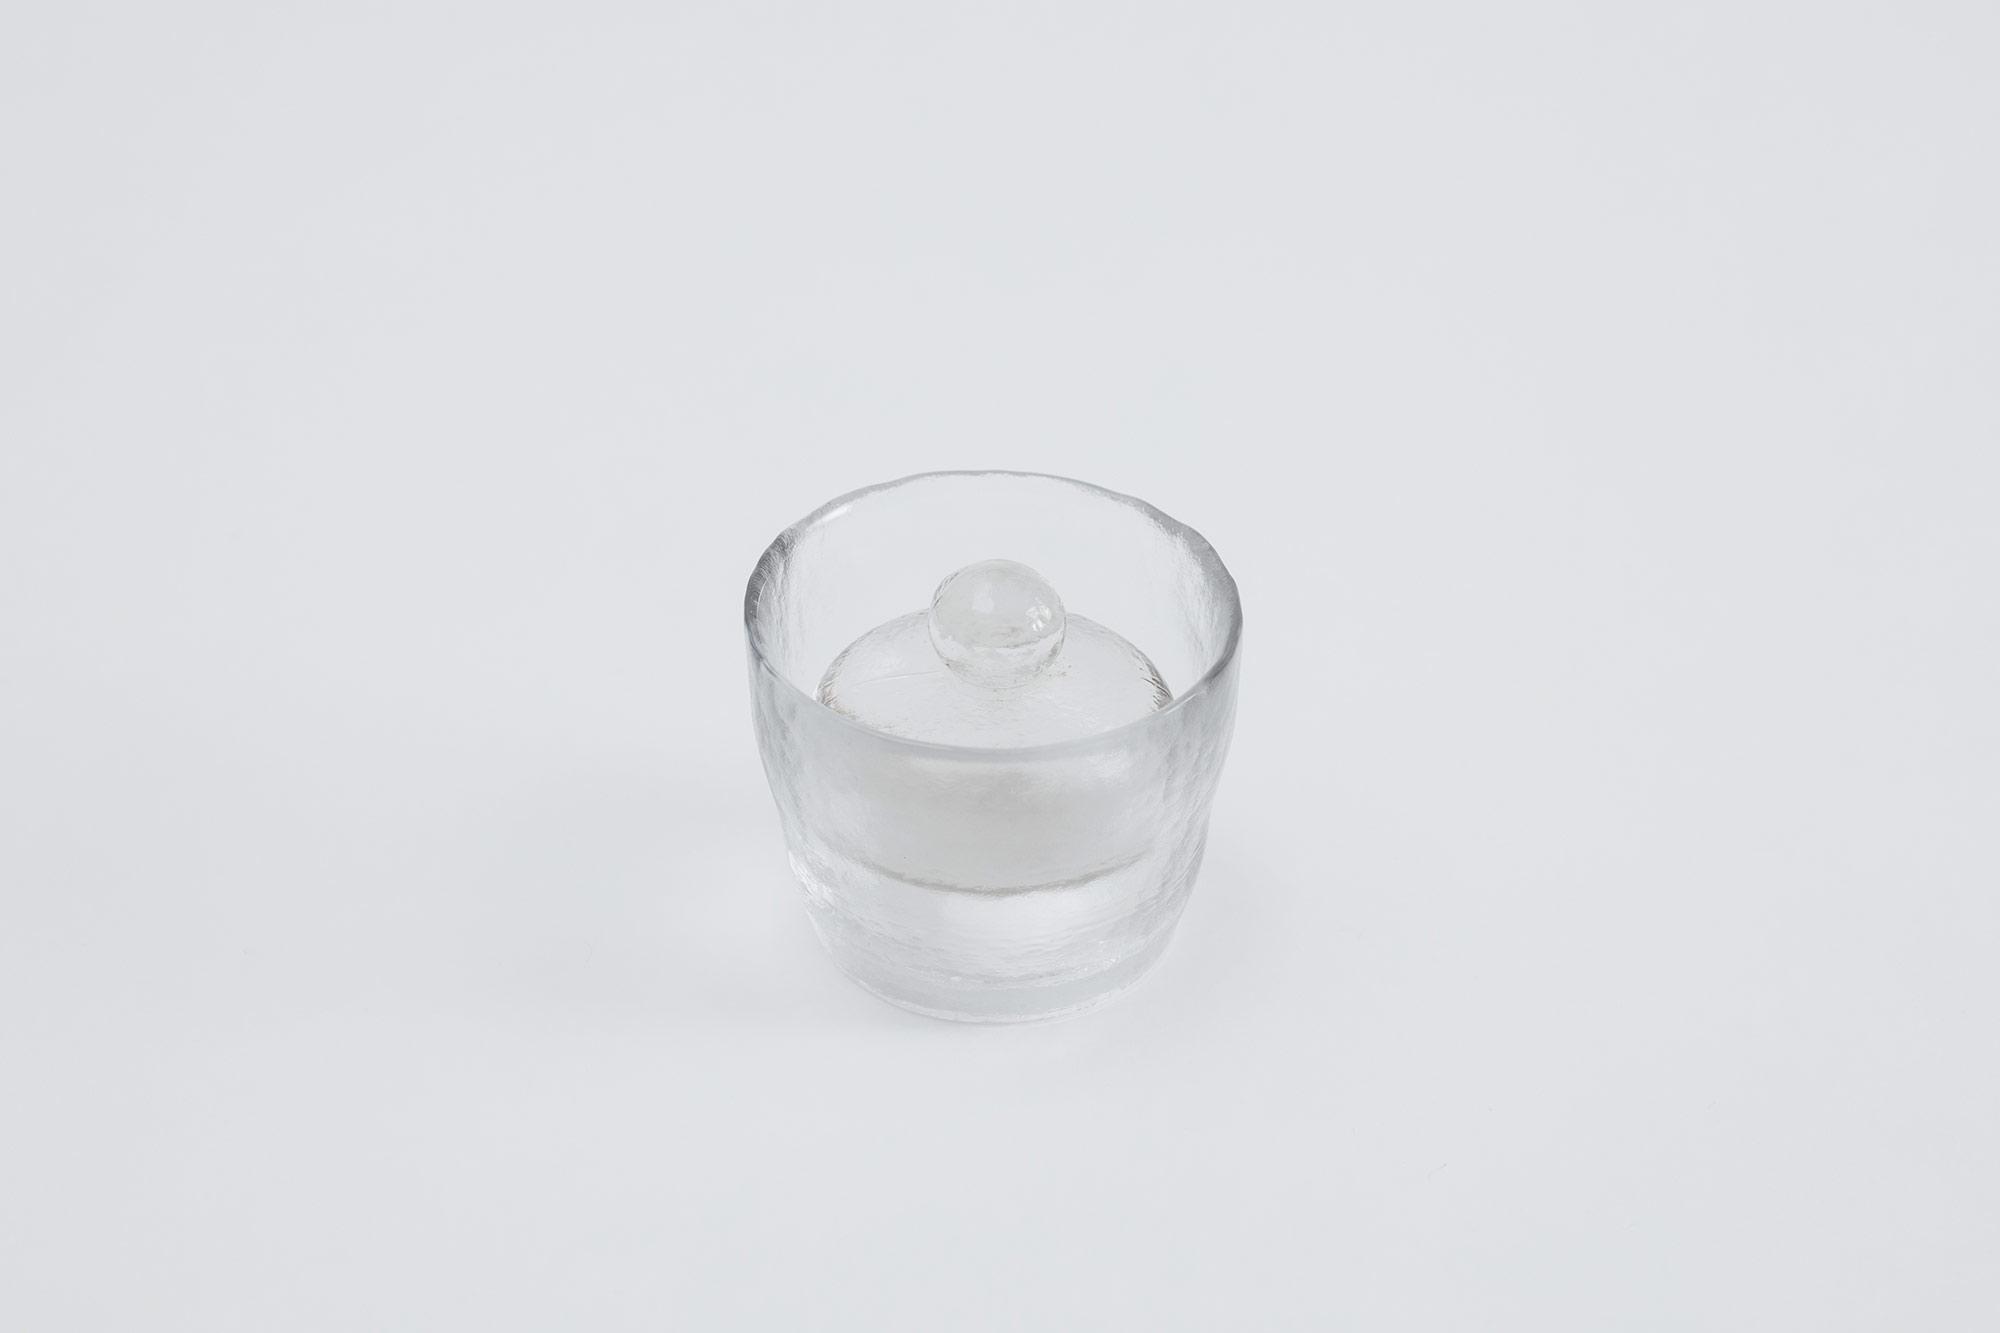 KINTO ミニ浅漬鉢